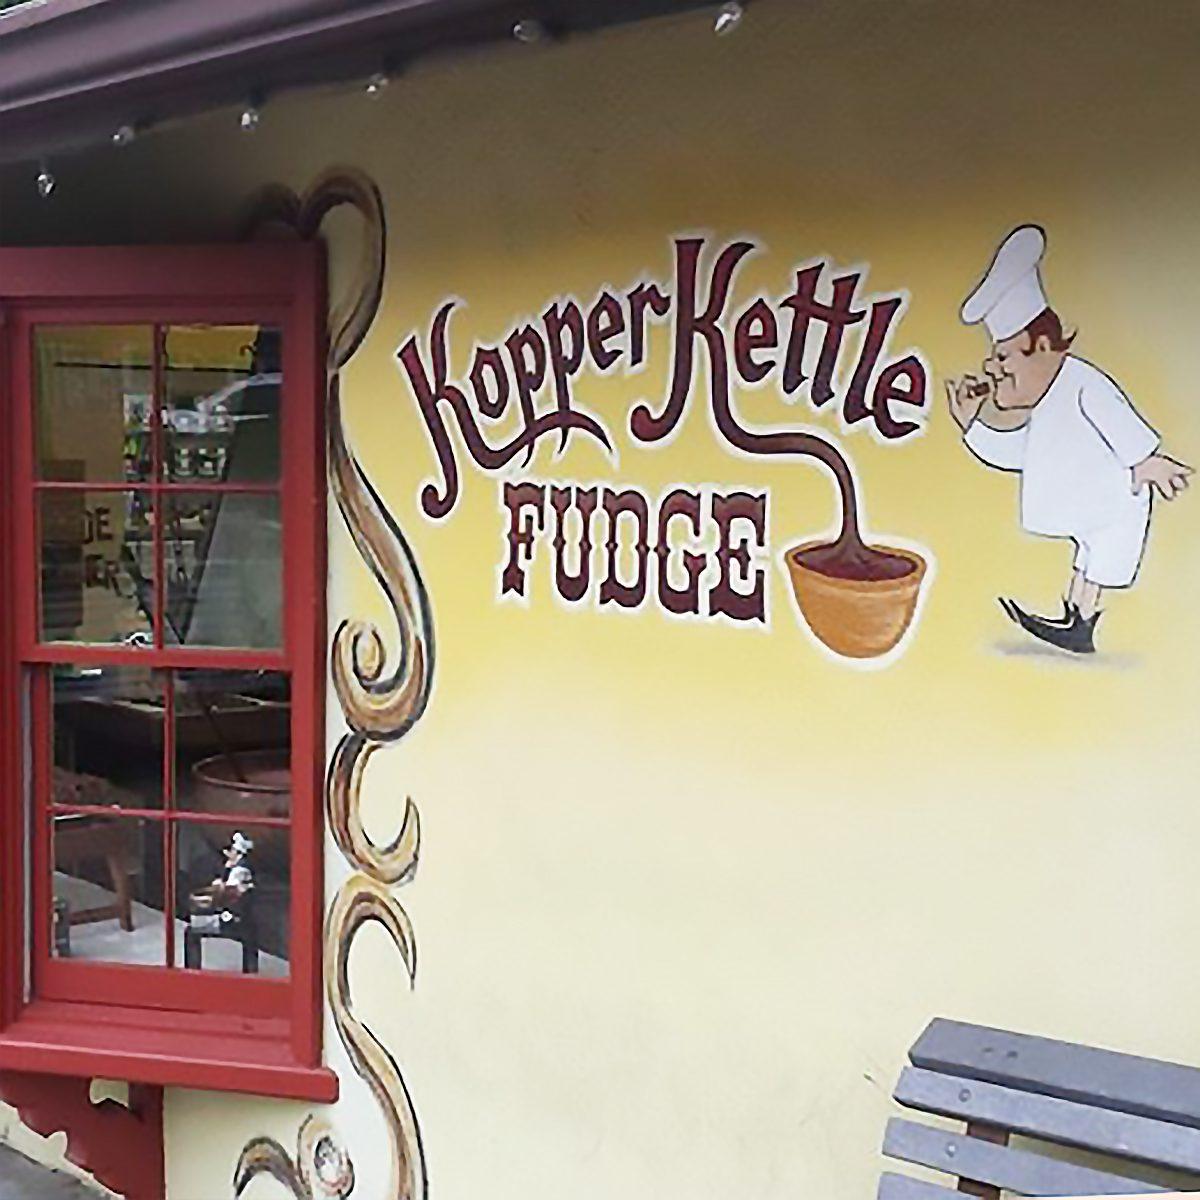 The Best Fudge Shop in Georgia - Kopper Kettle Fudge